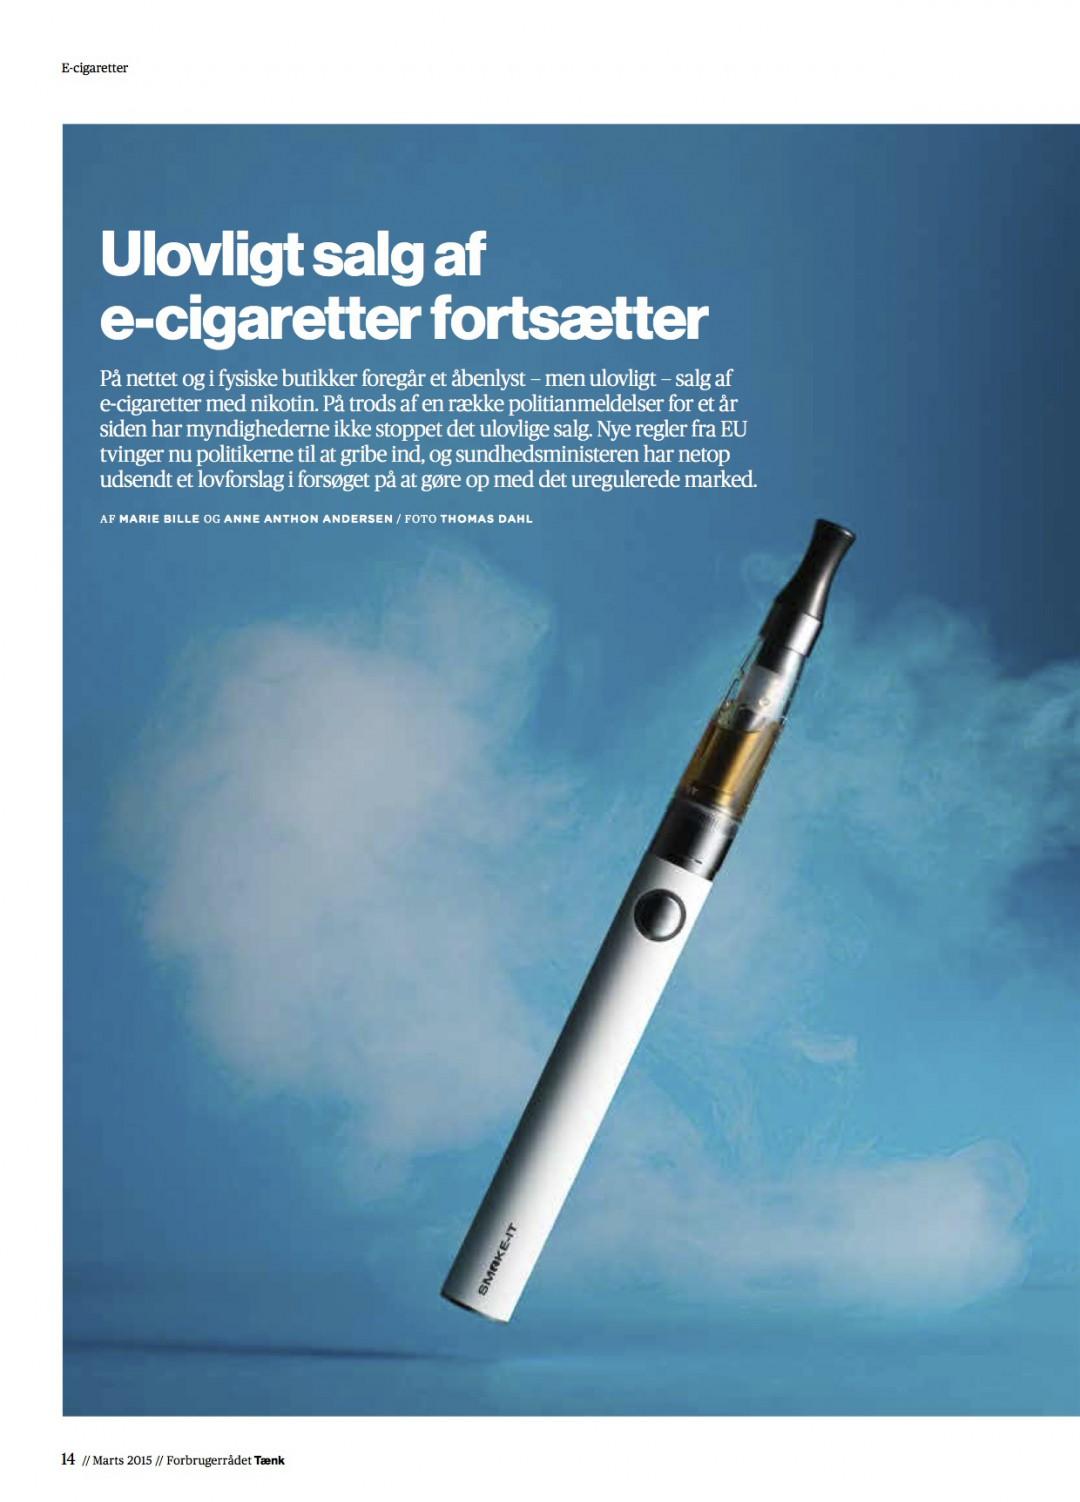 FBRT159_ecigaretter